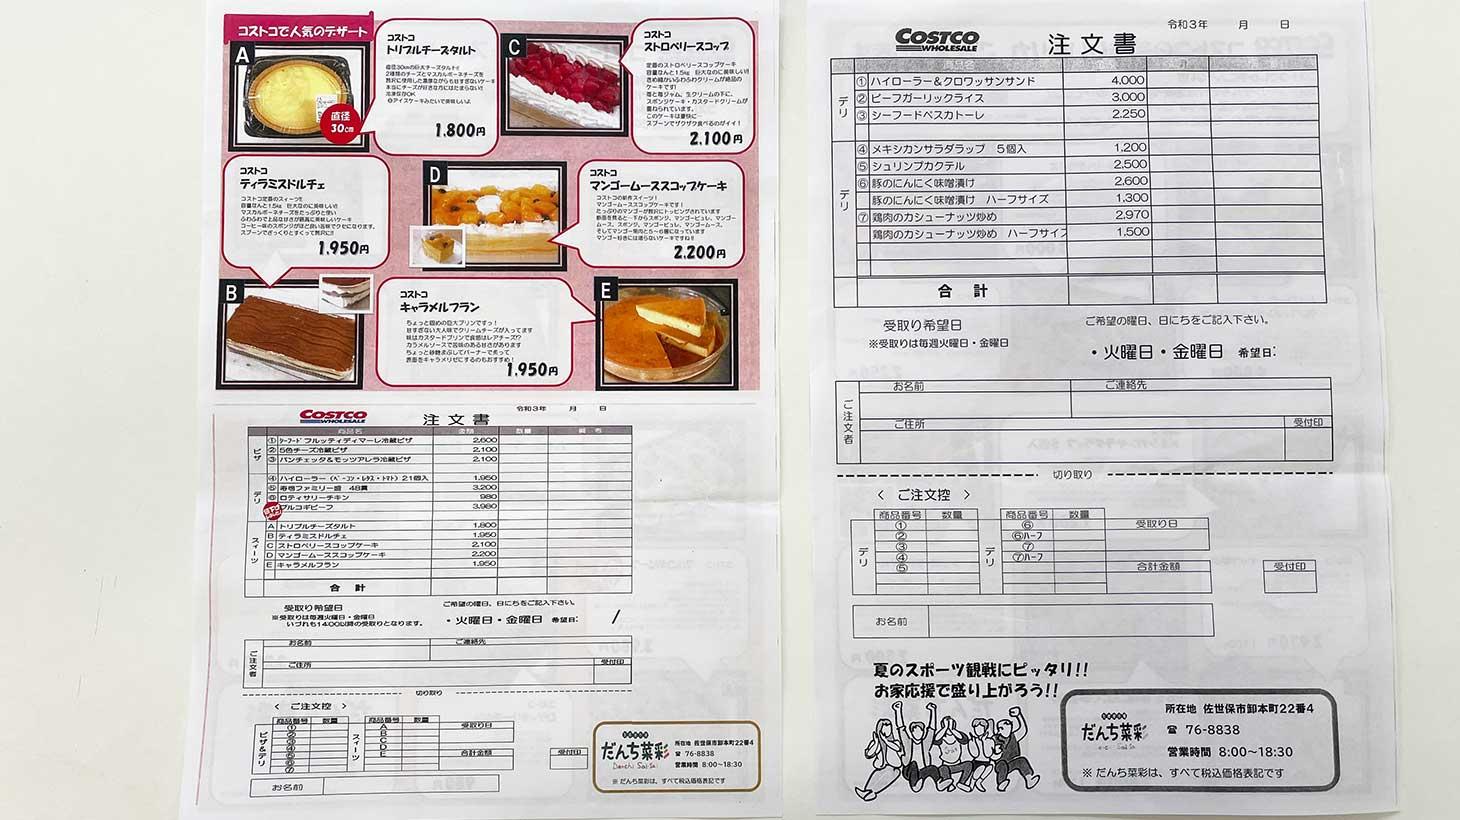 だんち菜彩のコストコ商品注文書